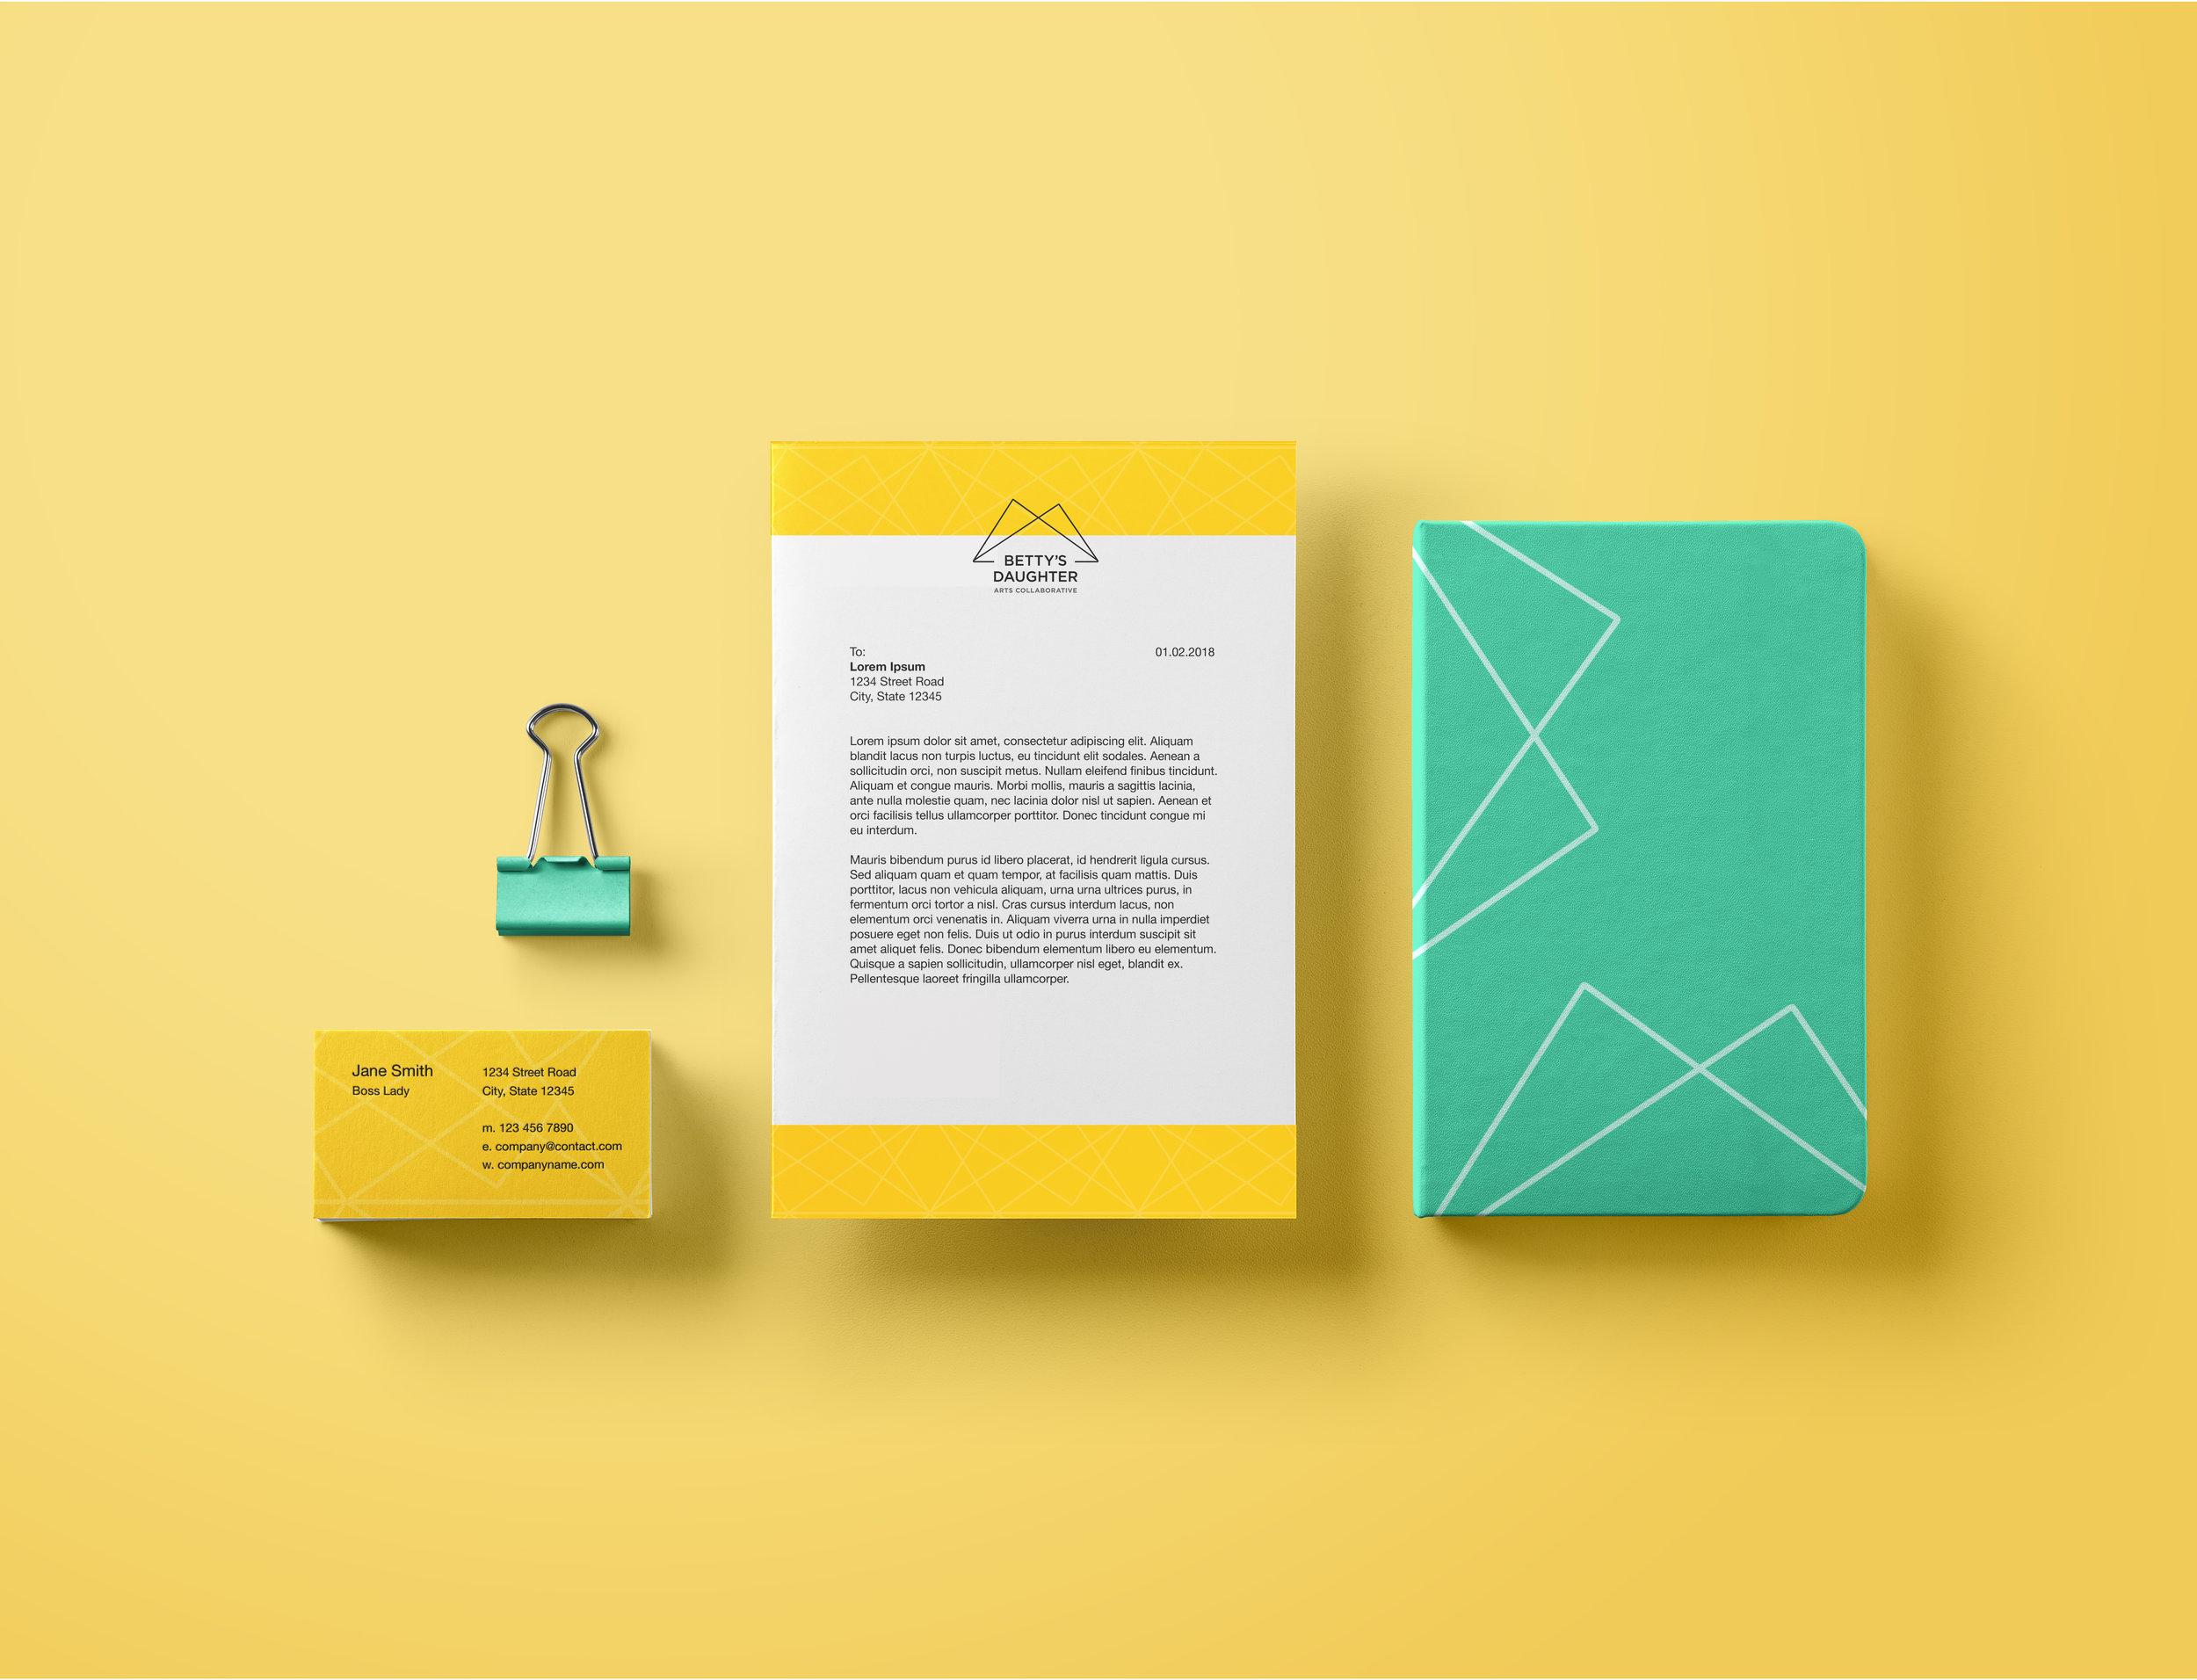 BDAC-Basic-Stationery-Branding-Mockup-.jpg